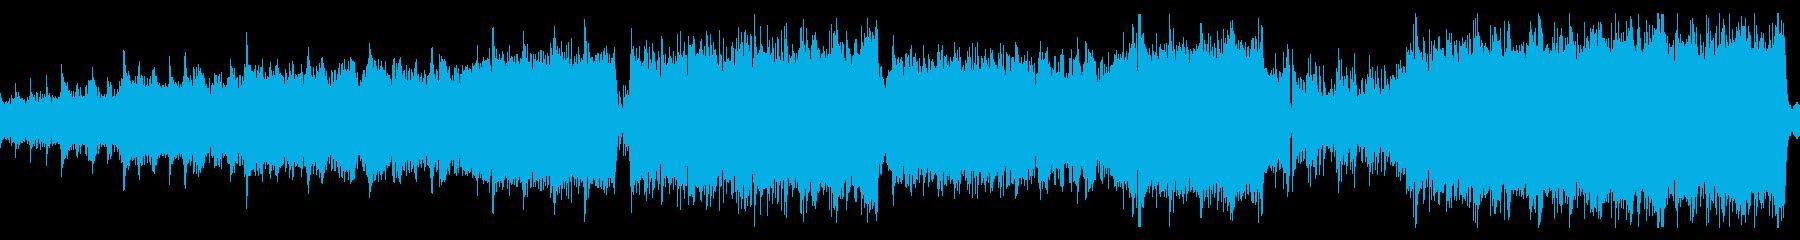 電子音 オーケストラ ラスボス戦 ループの再生済みの波形